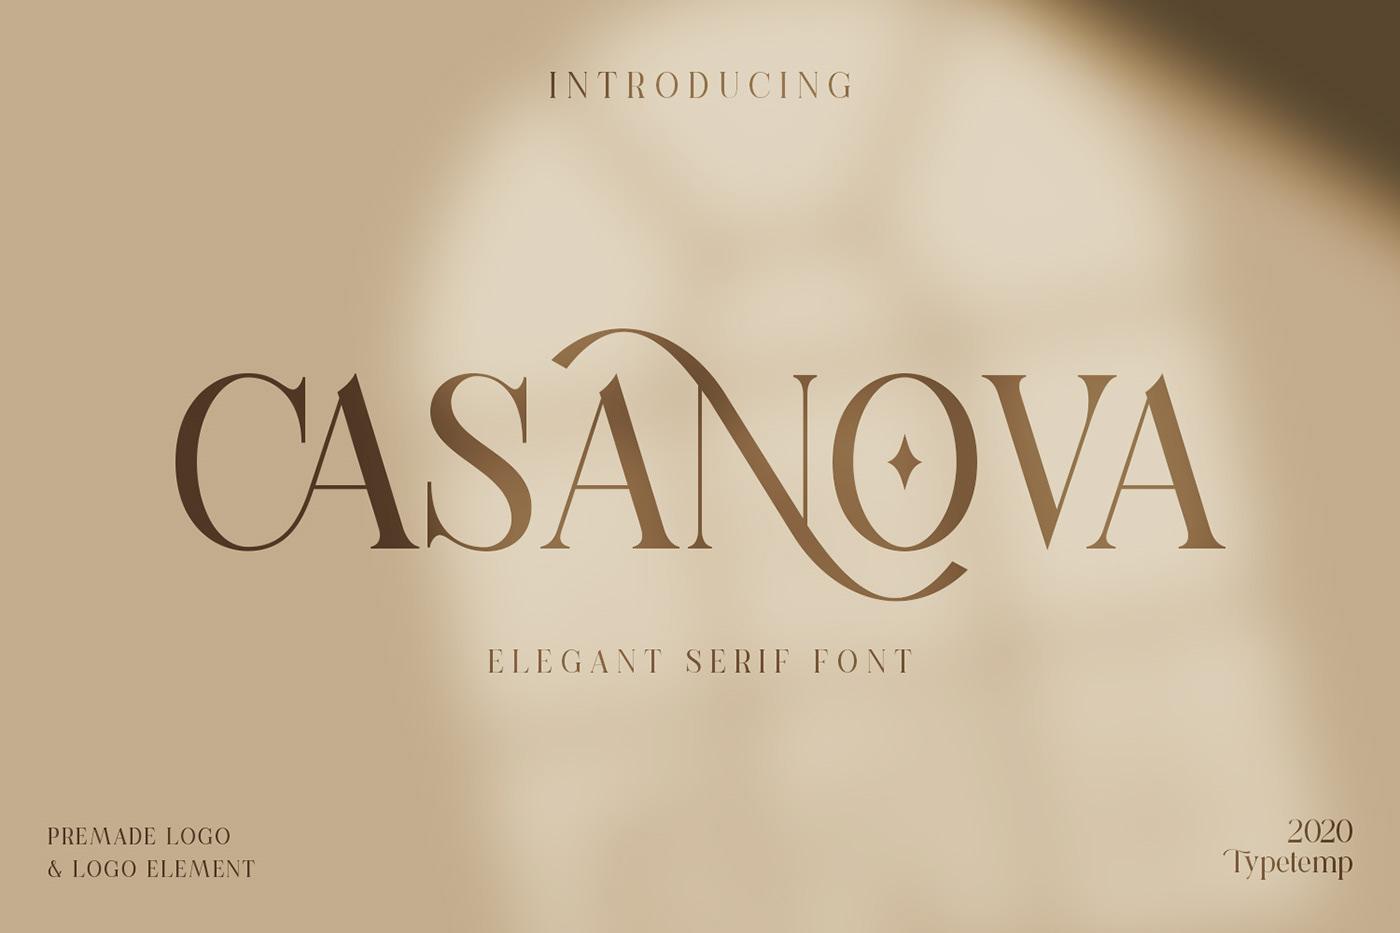 现代时尚连字海报标题徽标Logo设计衬线英文字体素材 Casanova Serif Display Font插图